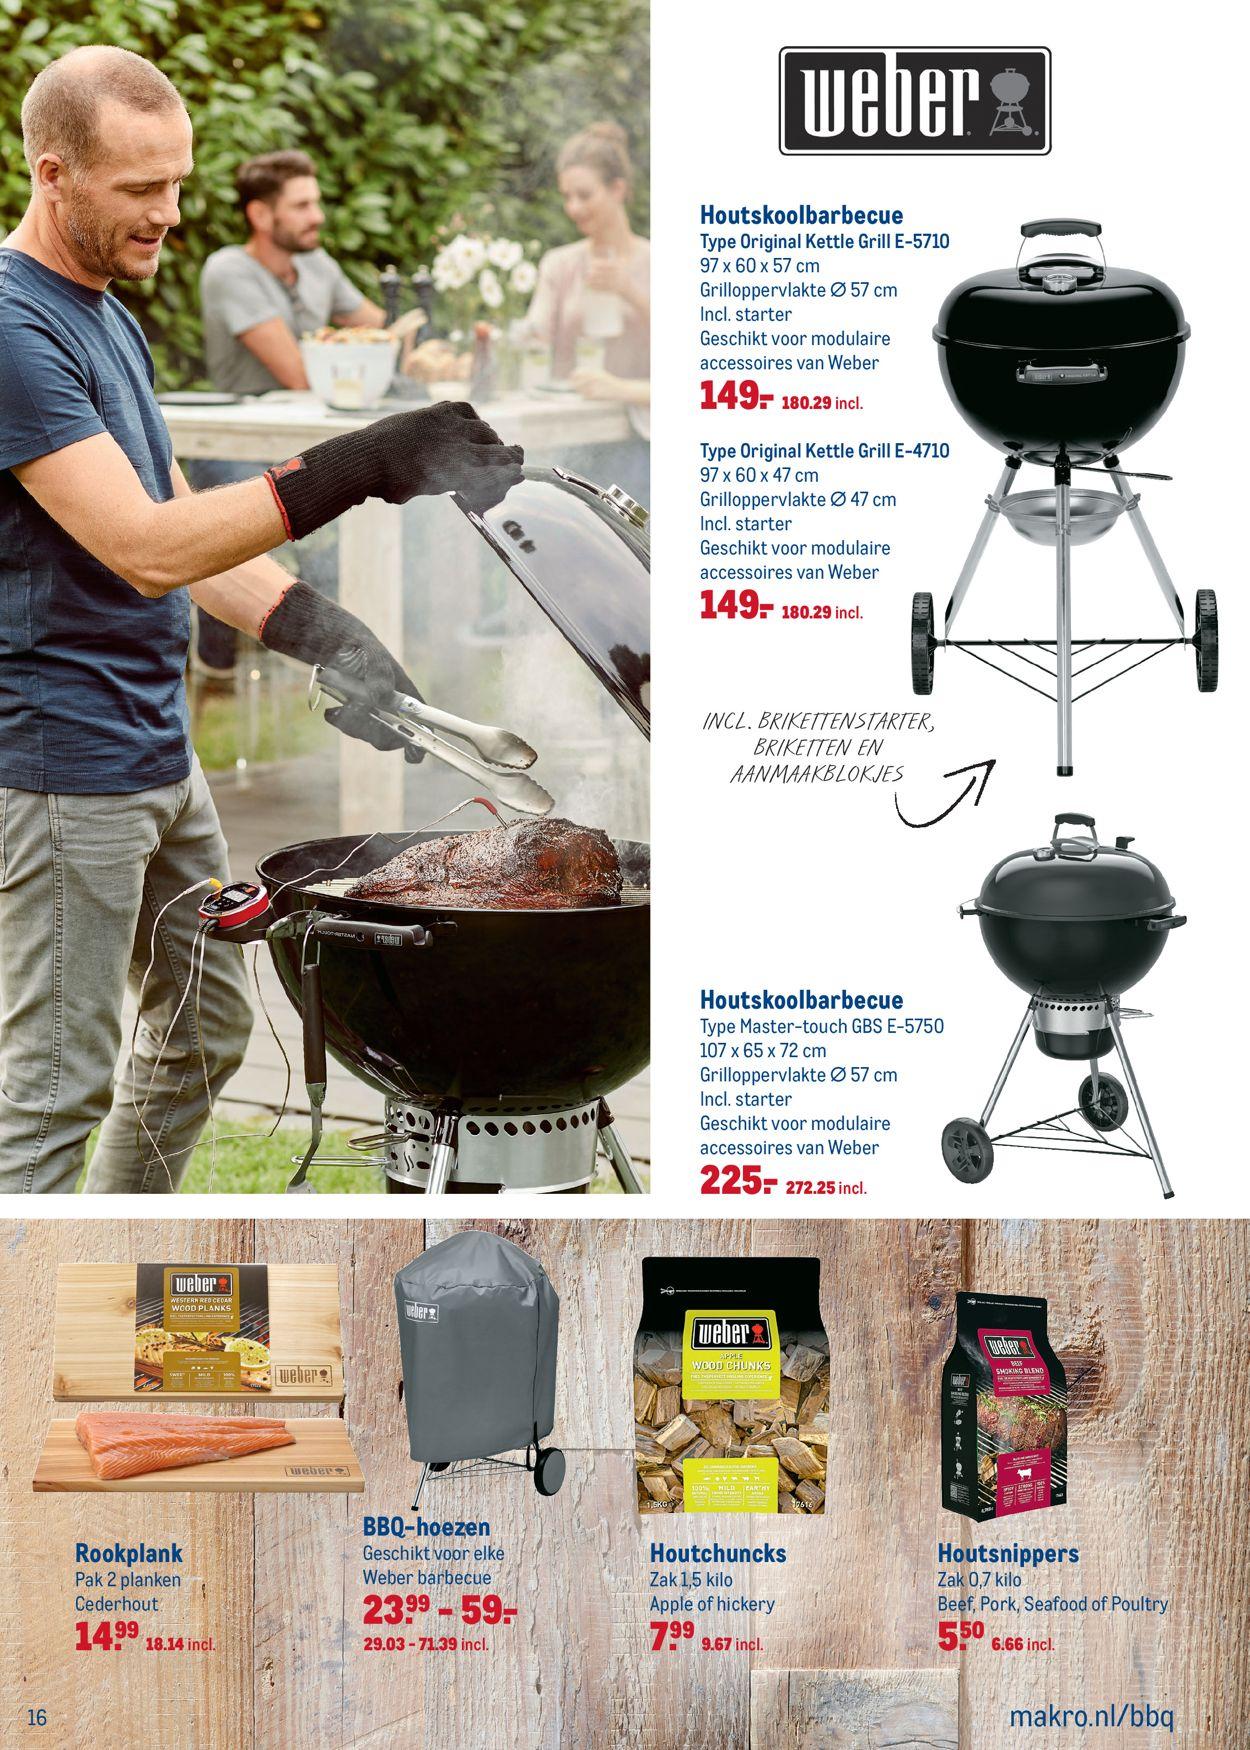 Weber houtskool barbecue folder aanbieding bij Makro details